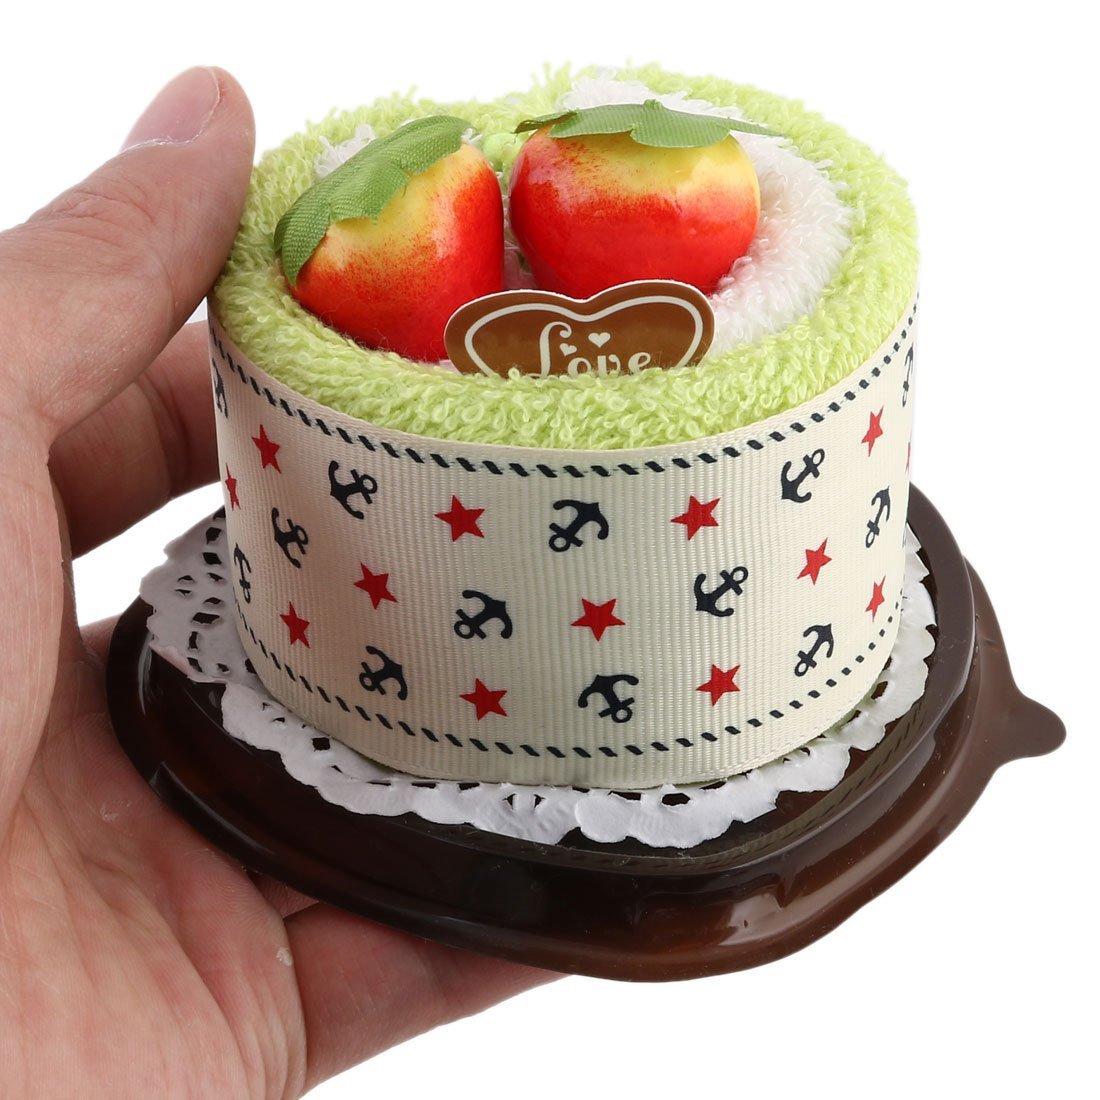 Amazon.com: eDealMax microfibra en Forma de corazón boda simulada fresa Decoración Torta de la toalla toallita Verde Amarillo: Home & Kitchen